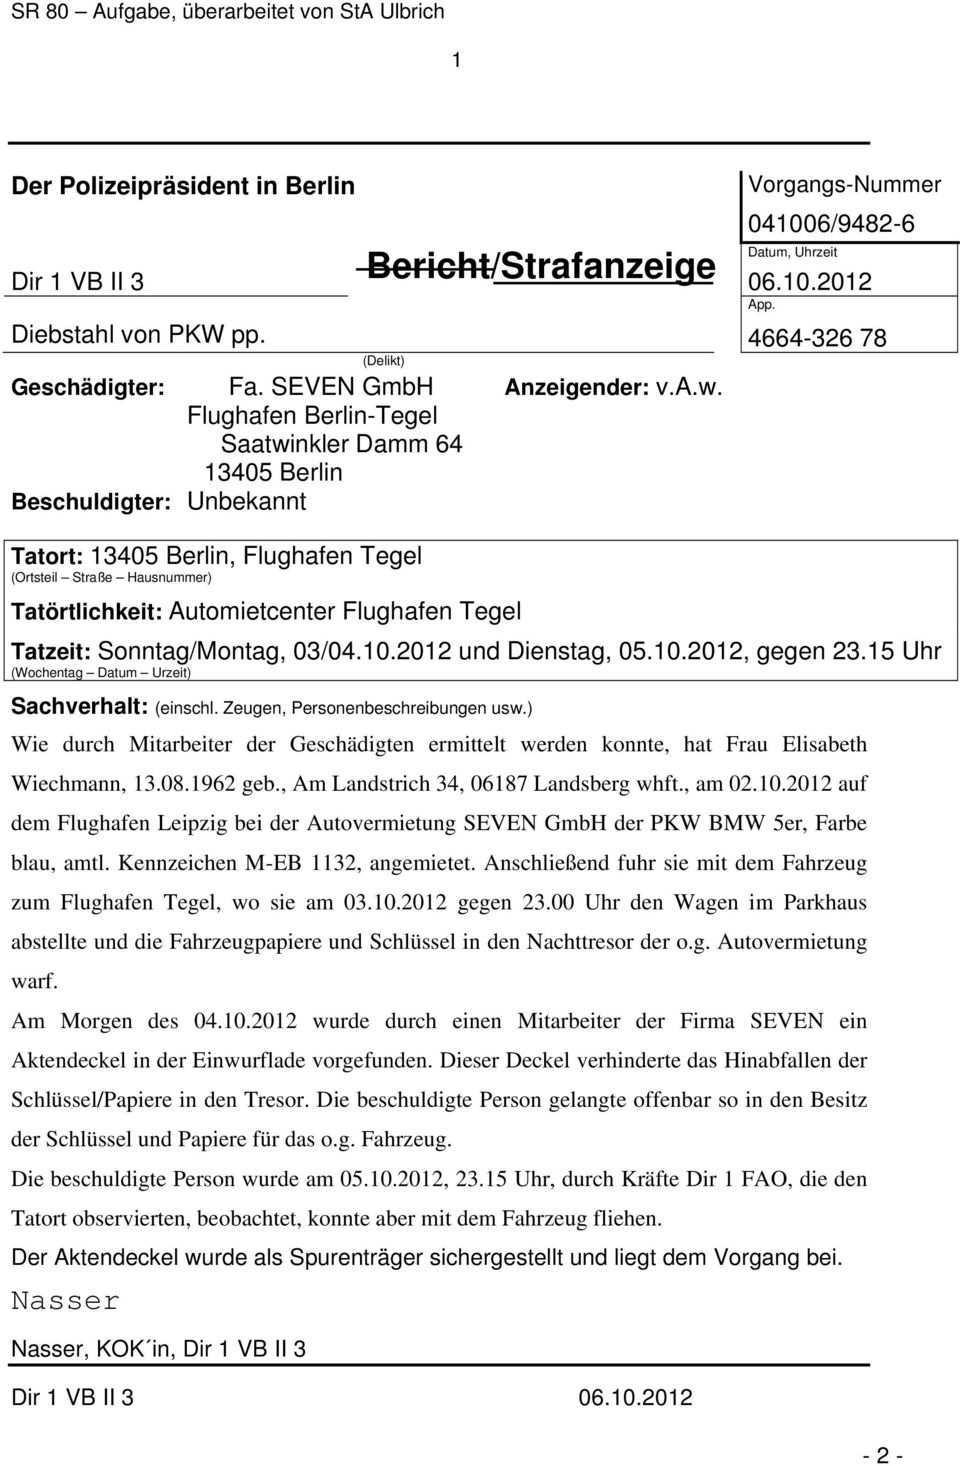 Bericht Strafanzeige Nasser Der Polizeiprasident In Berlin App Dir 1 Vb Ii 3 Diebstahl Von Pkw Pp Pdf Free Download